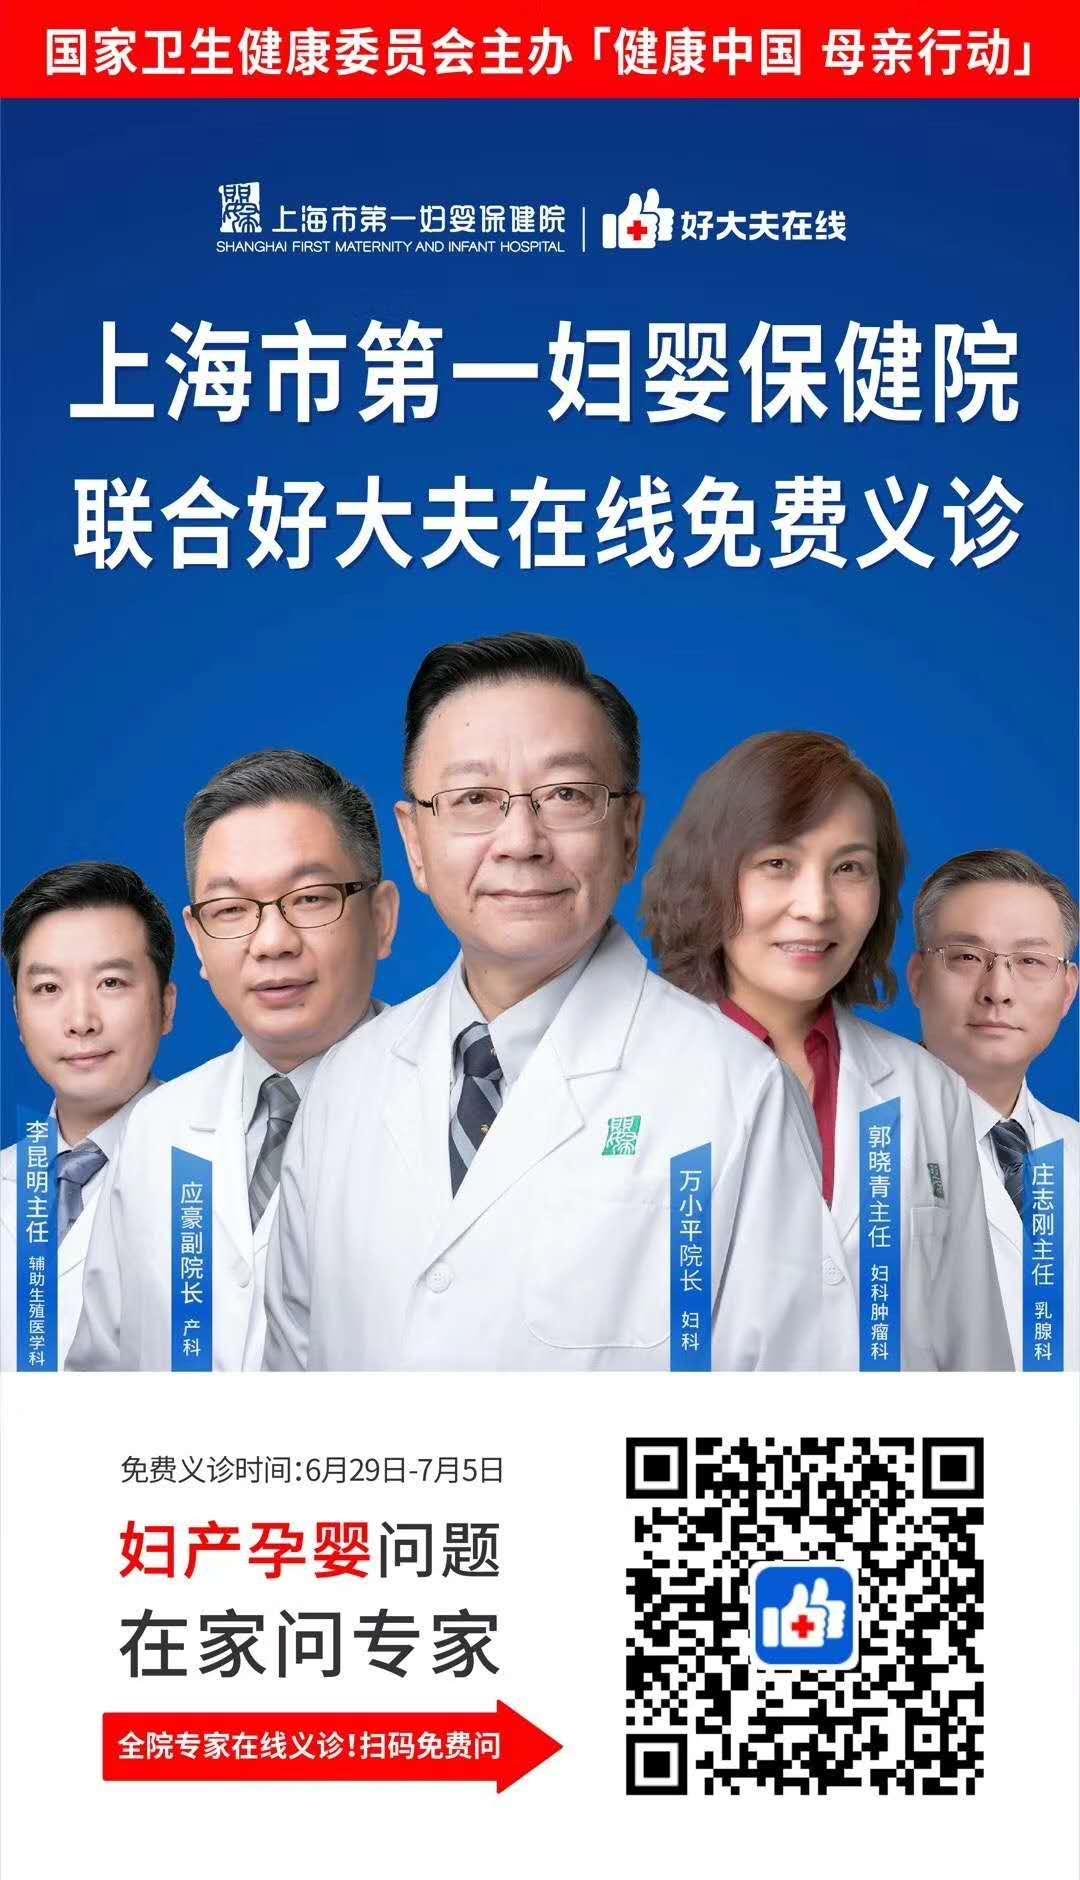 """""""健康中国 母亲行动""""大型在线义诊,「妇产孕婴」健康难题免费问专"""